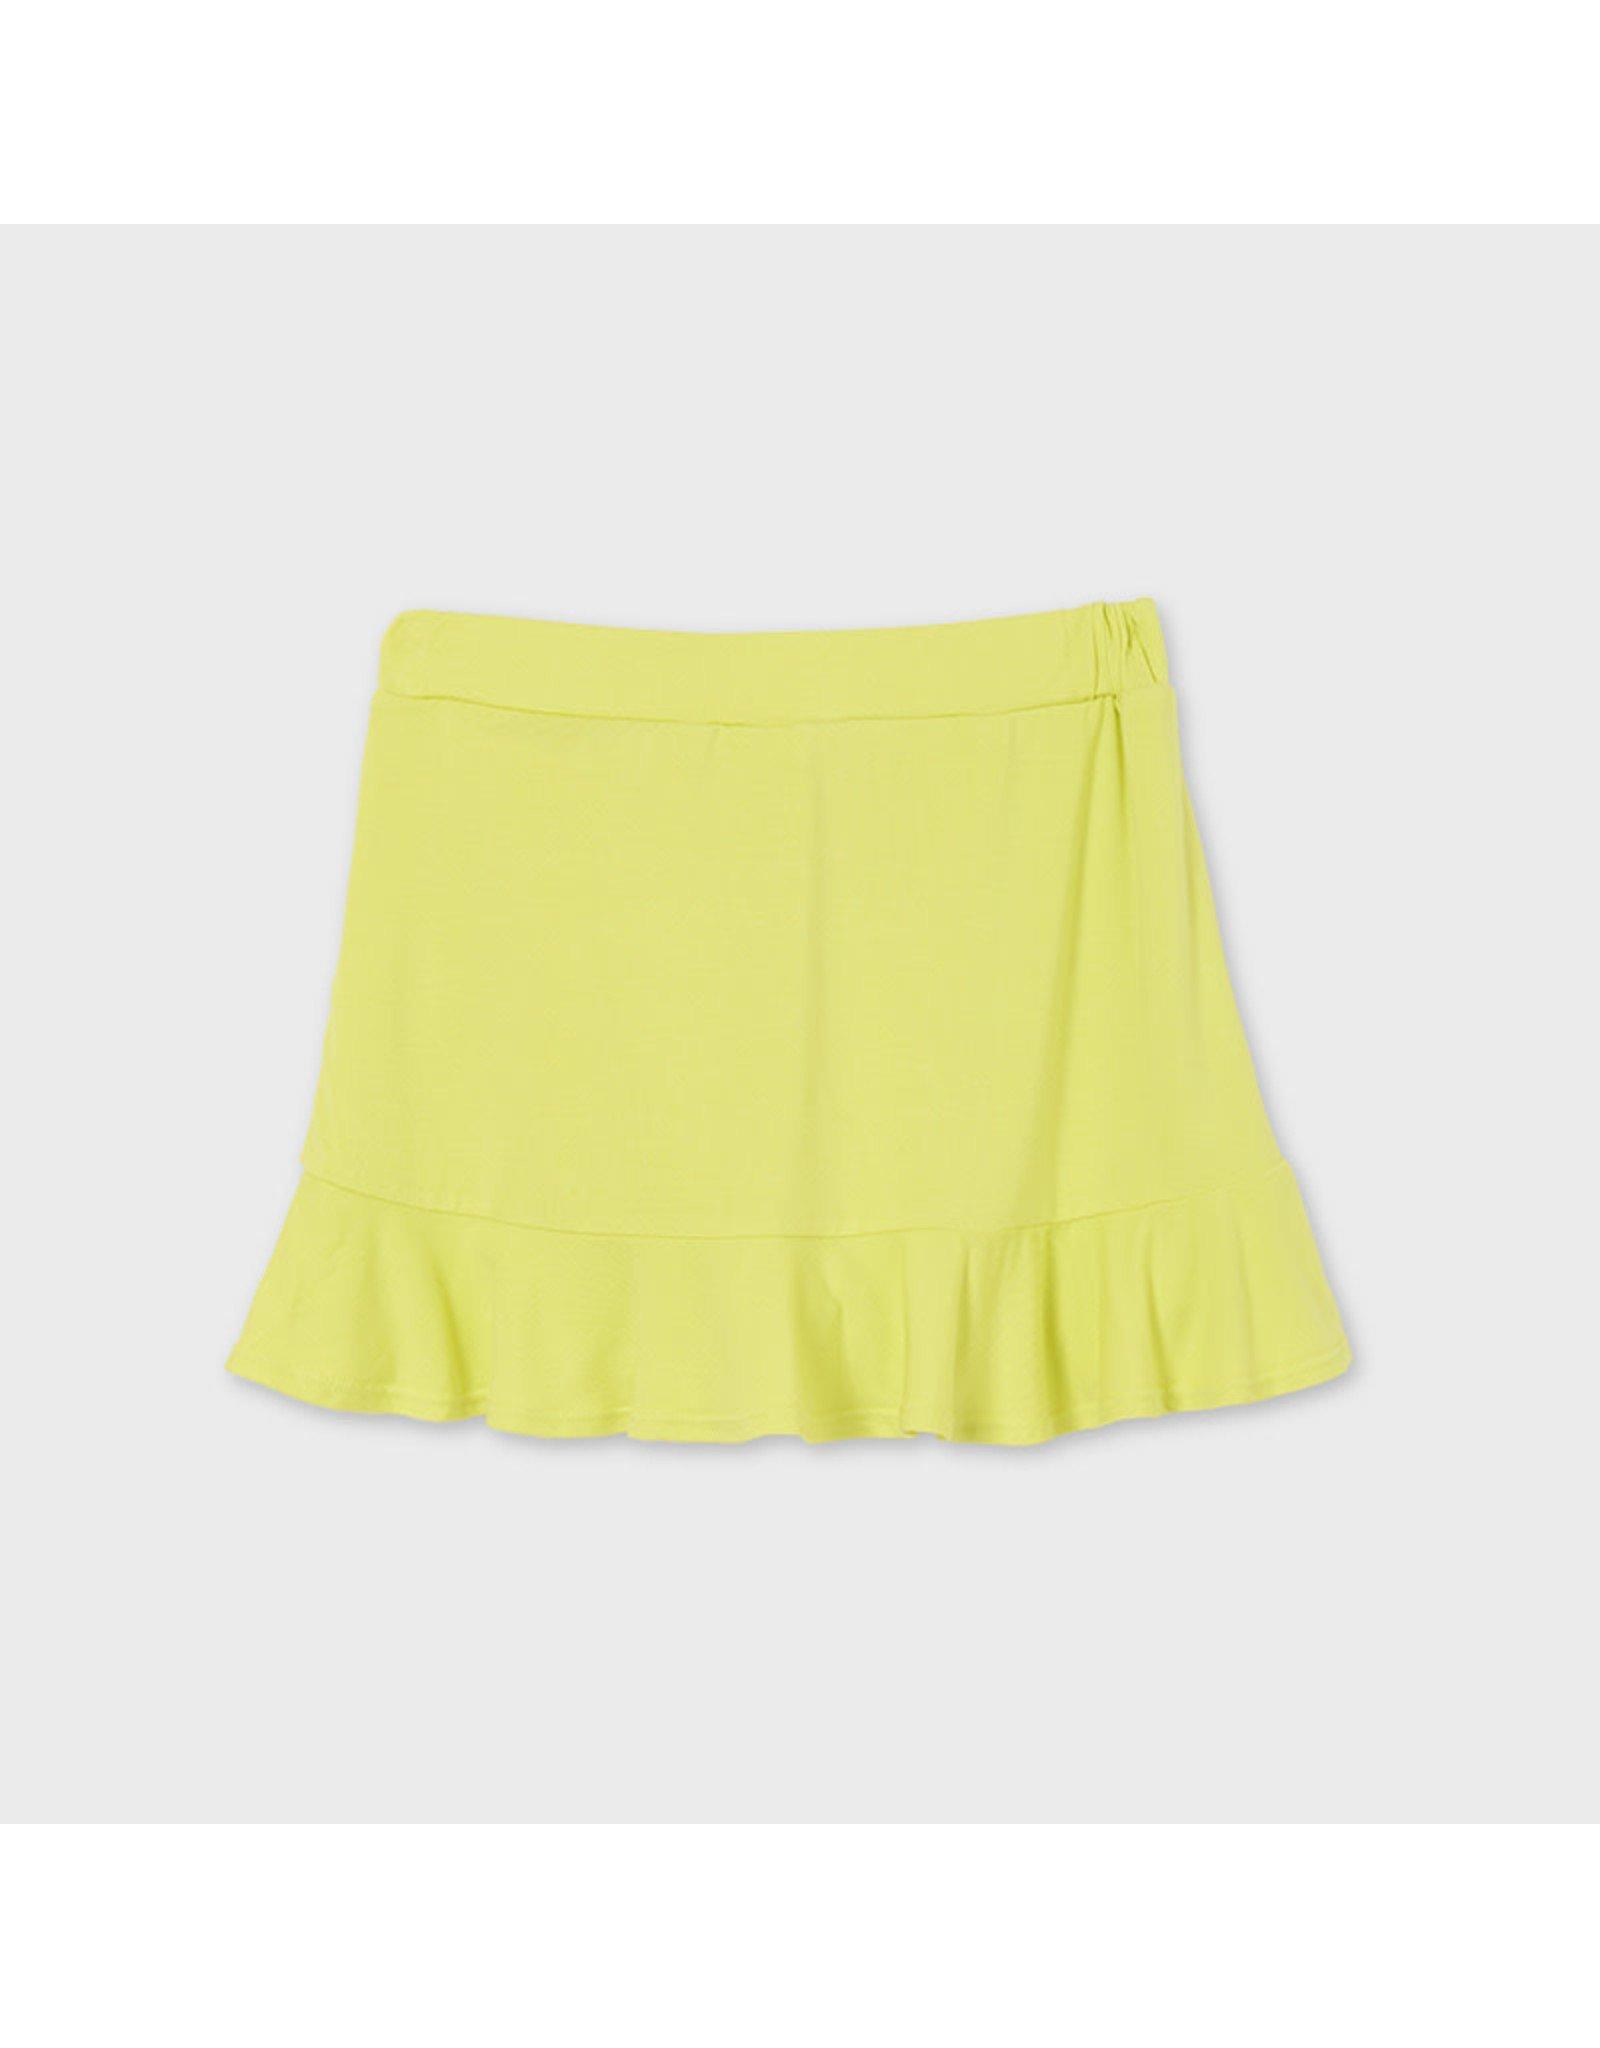 Mayoral Viscose Skirt Pant